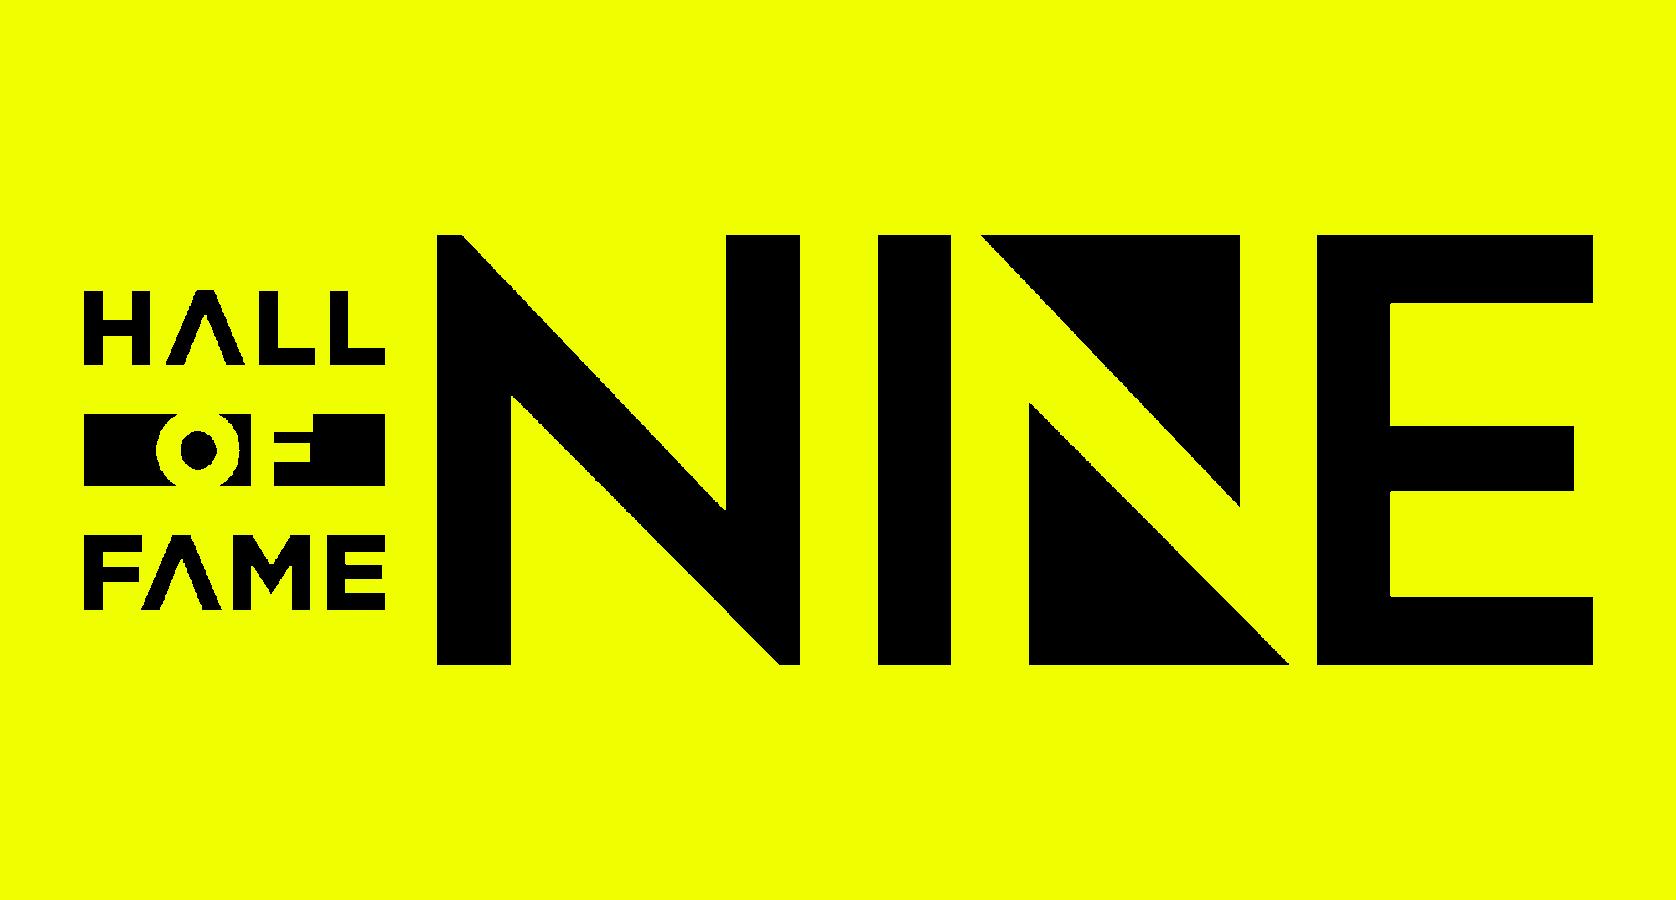 overlaynine_yellow